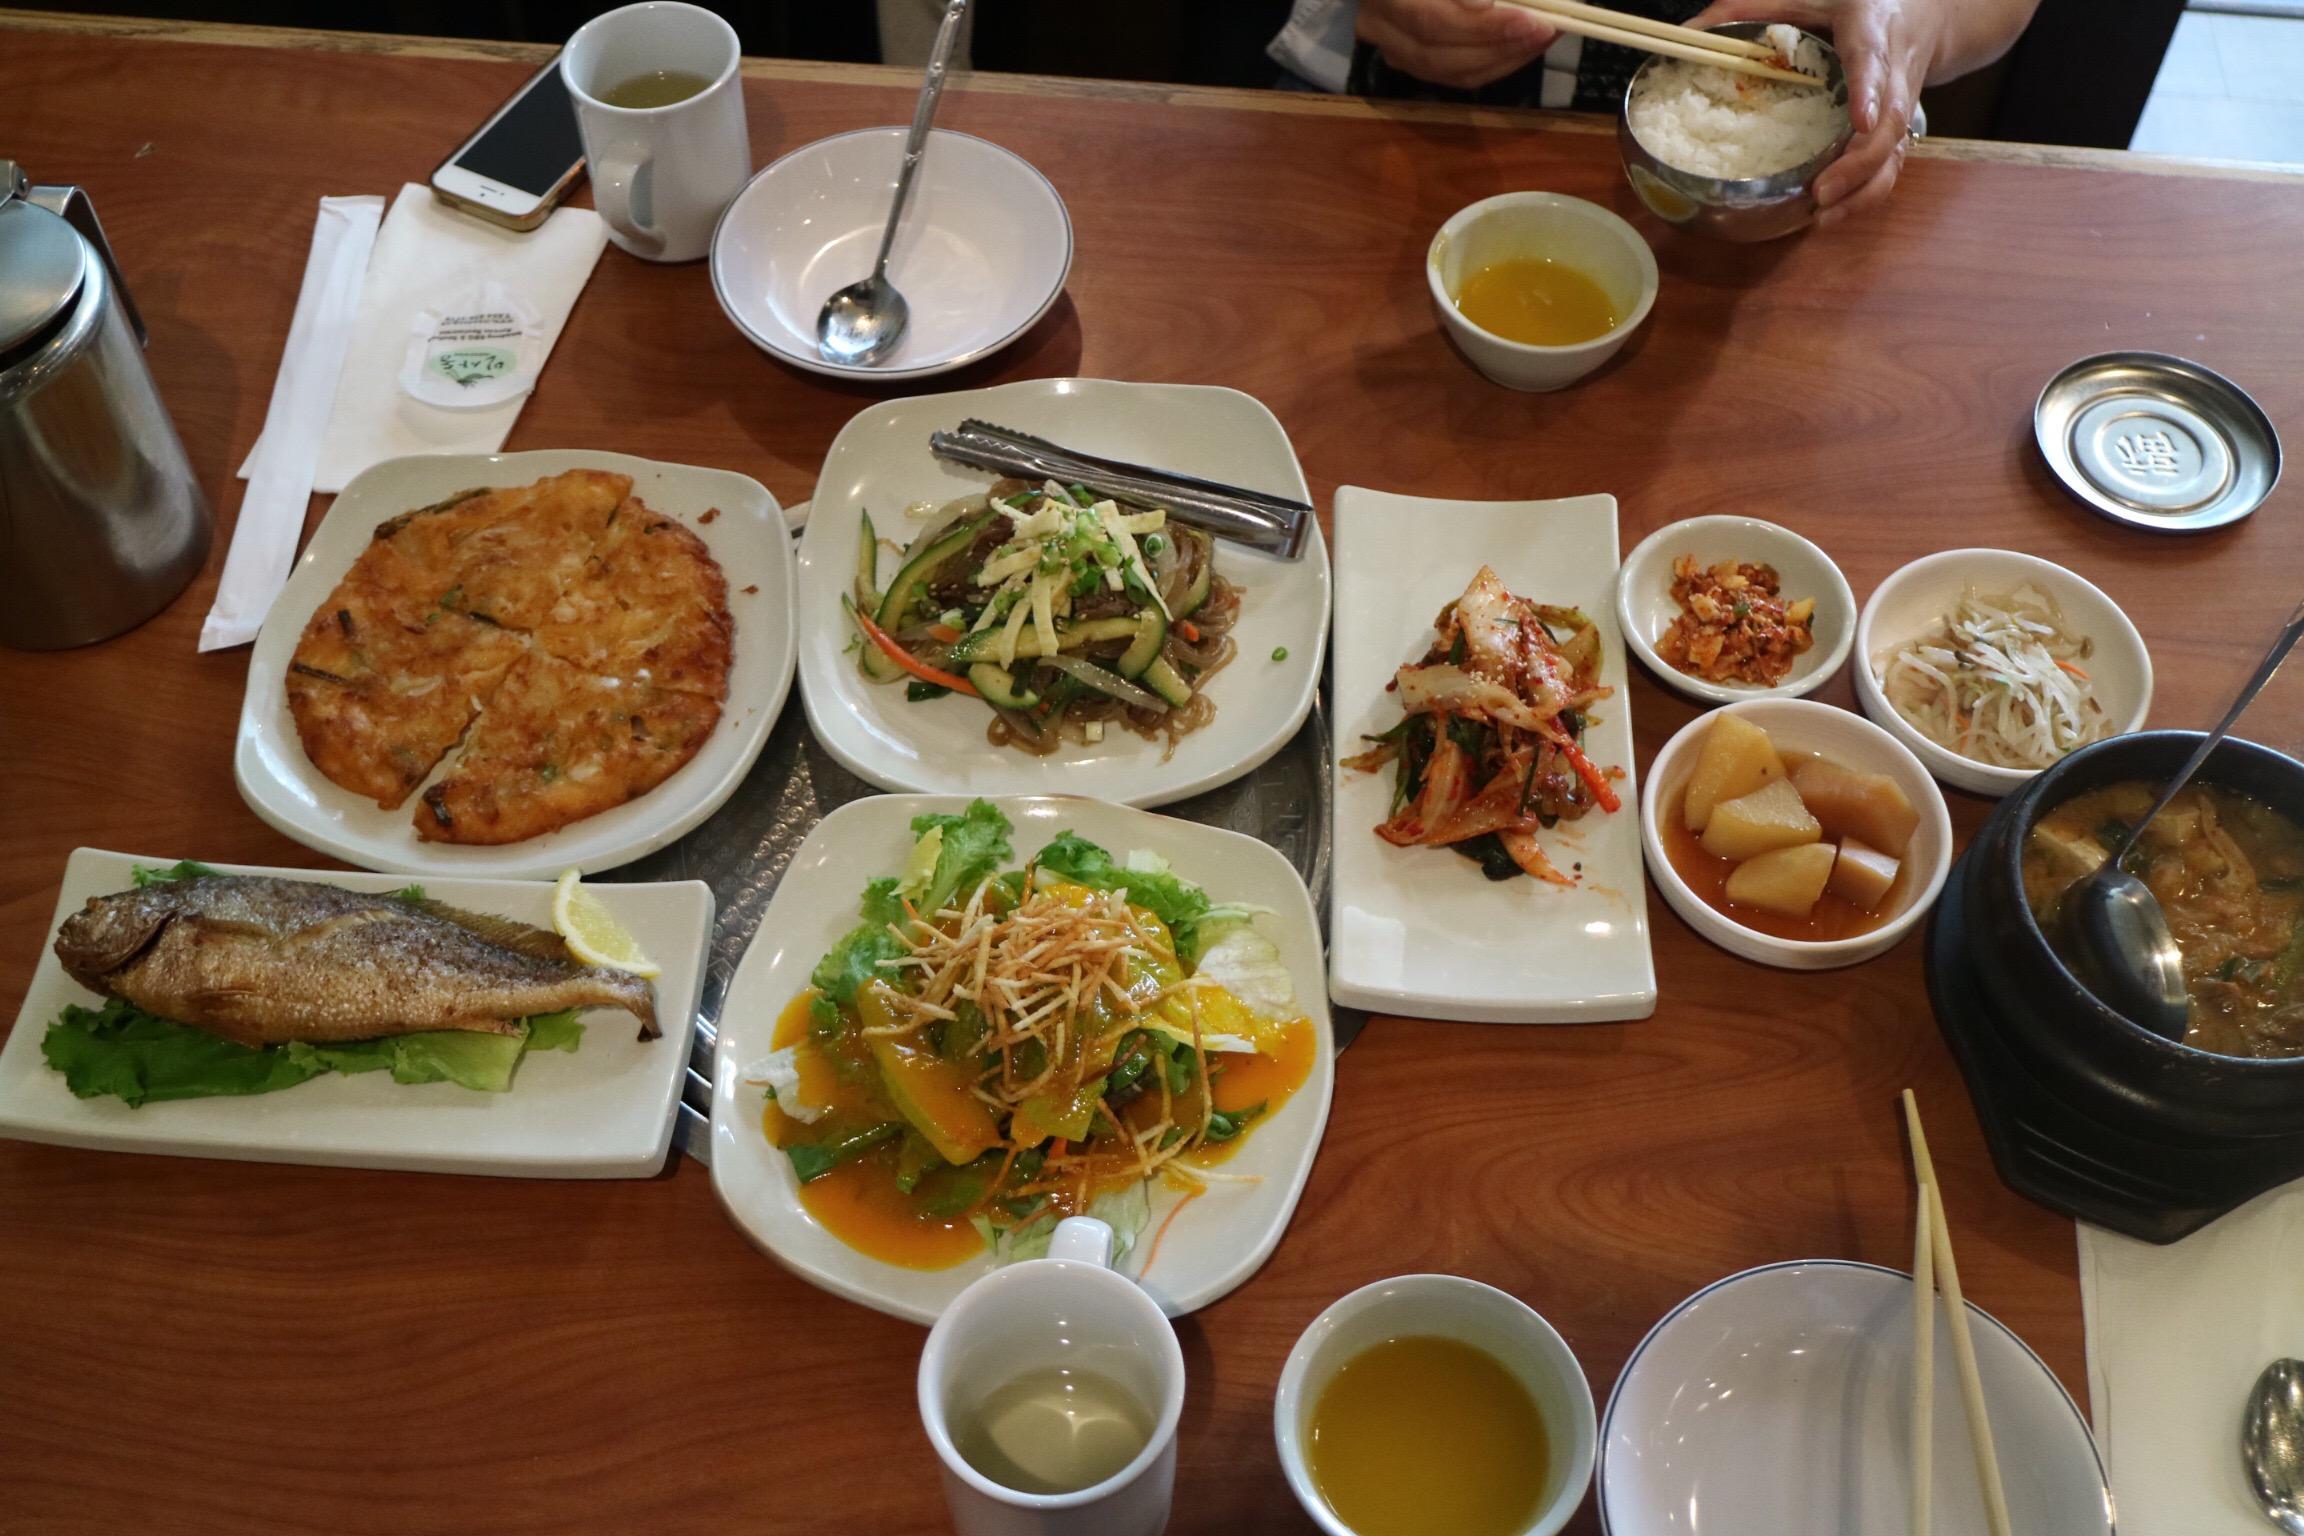 Insadong Korean BBQ